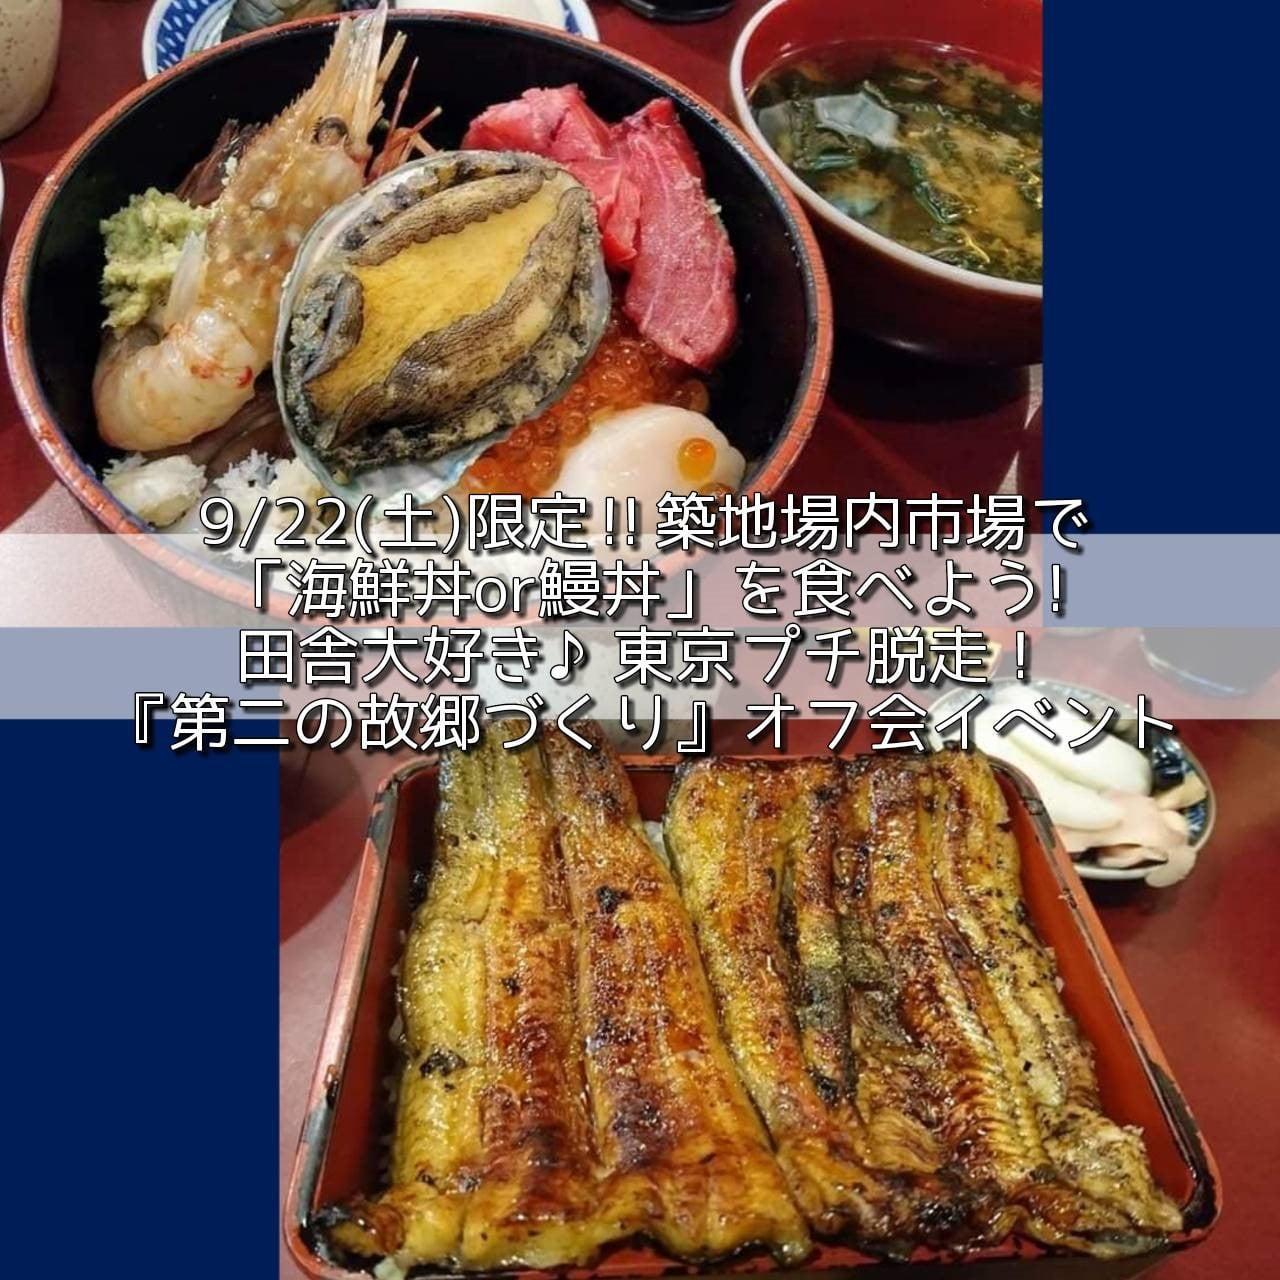 【9月22日限定!】築地場内市場で「海鮮丼or鰻丼」を食べよう!《「田舎大好き♪東京プチ脱走!『第二の故郷づくり』オフ会イベント》のイメージその1